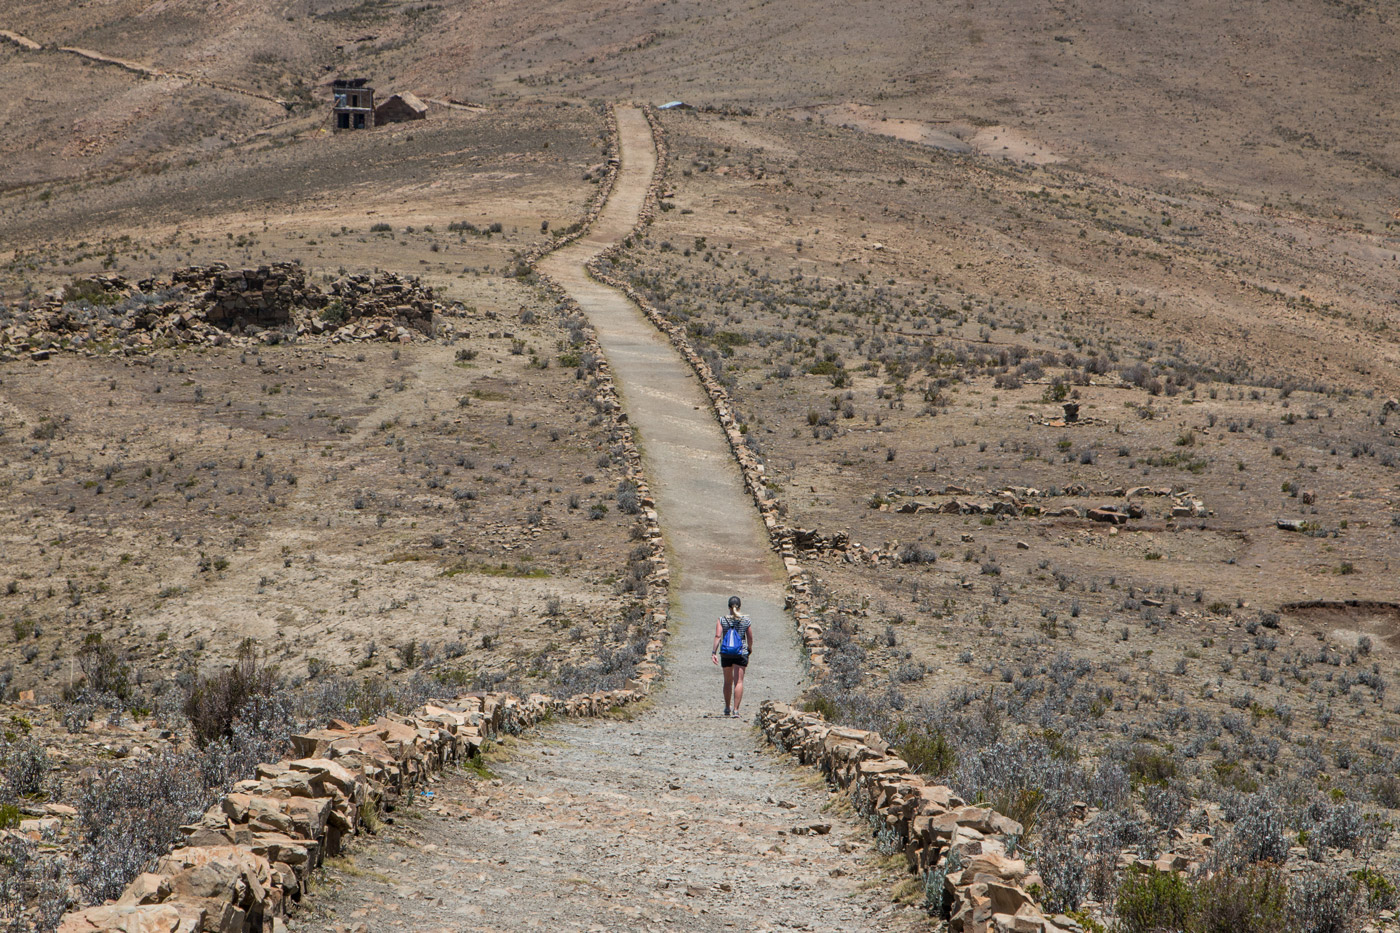 Walking across Isla del Sol